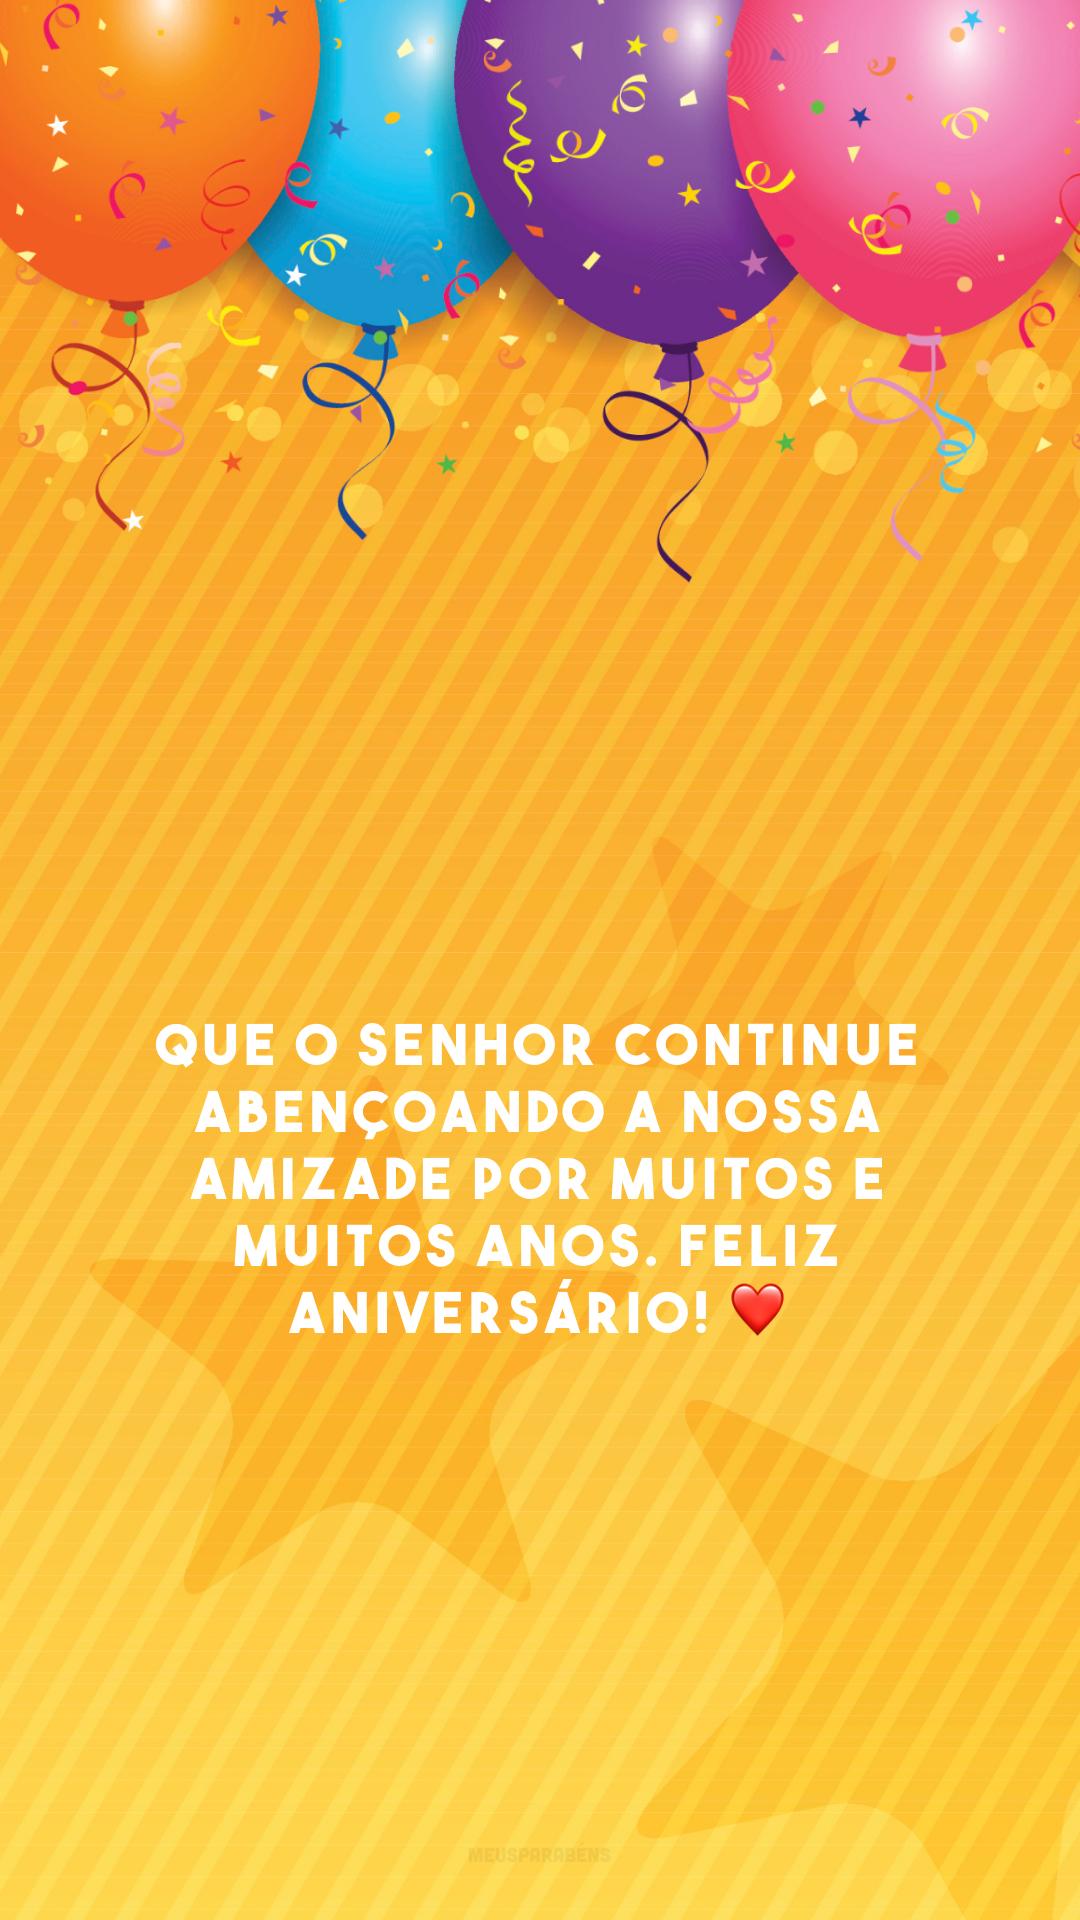 Que o Senhor continue abençoando a nossa amizade por muitos e muitos anos. Feliz aniversário! ❤️